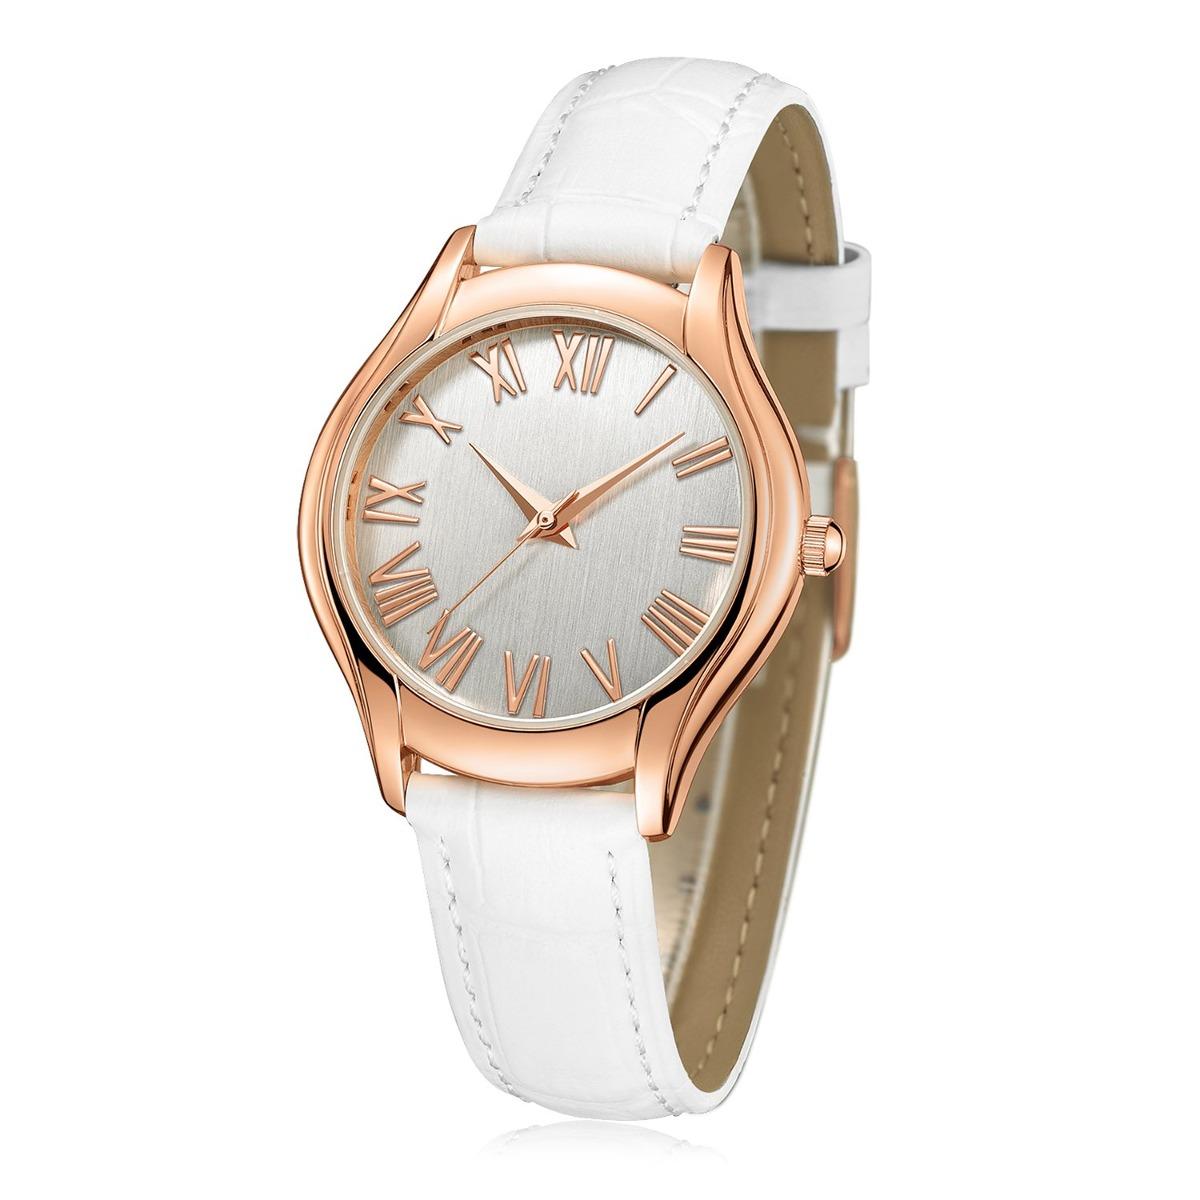 Reloj De Pulsera Para Mujer Números Romanos En Oro Rosa Us 57